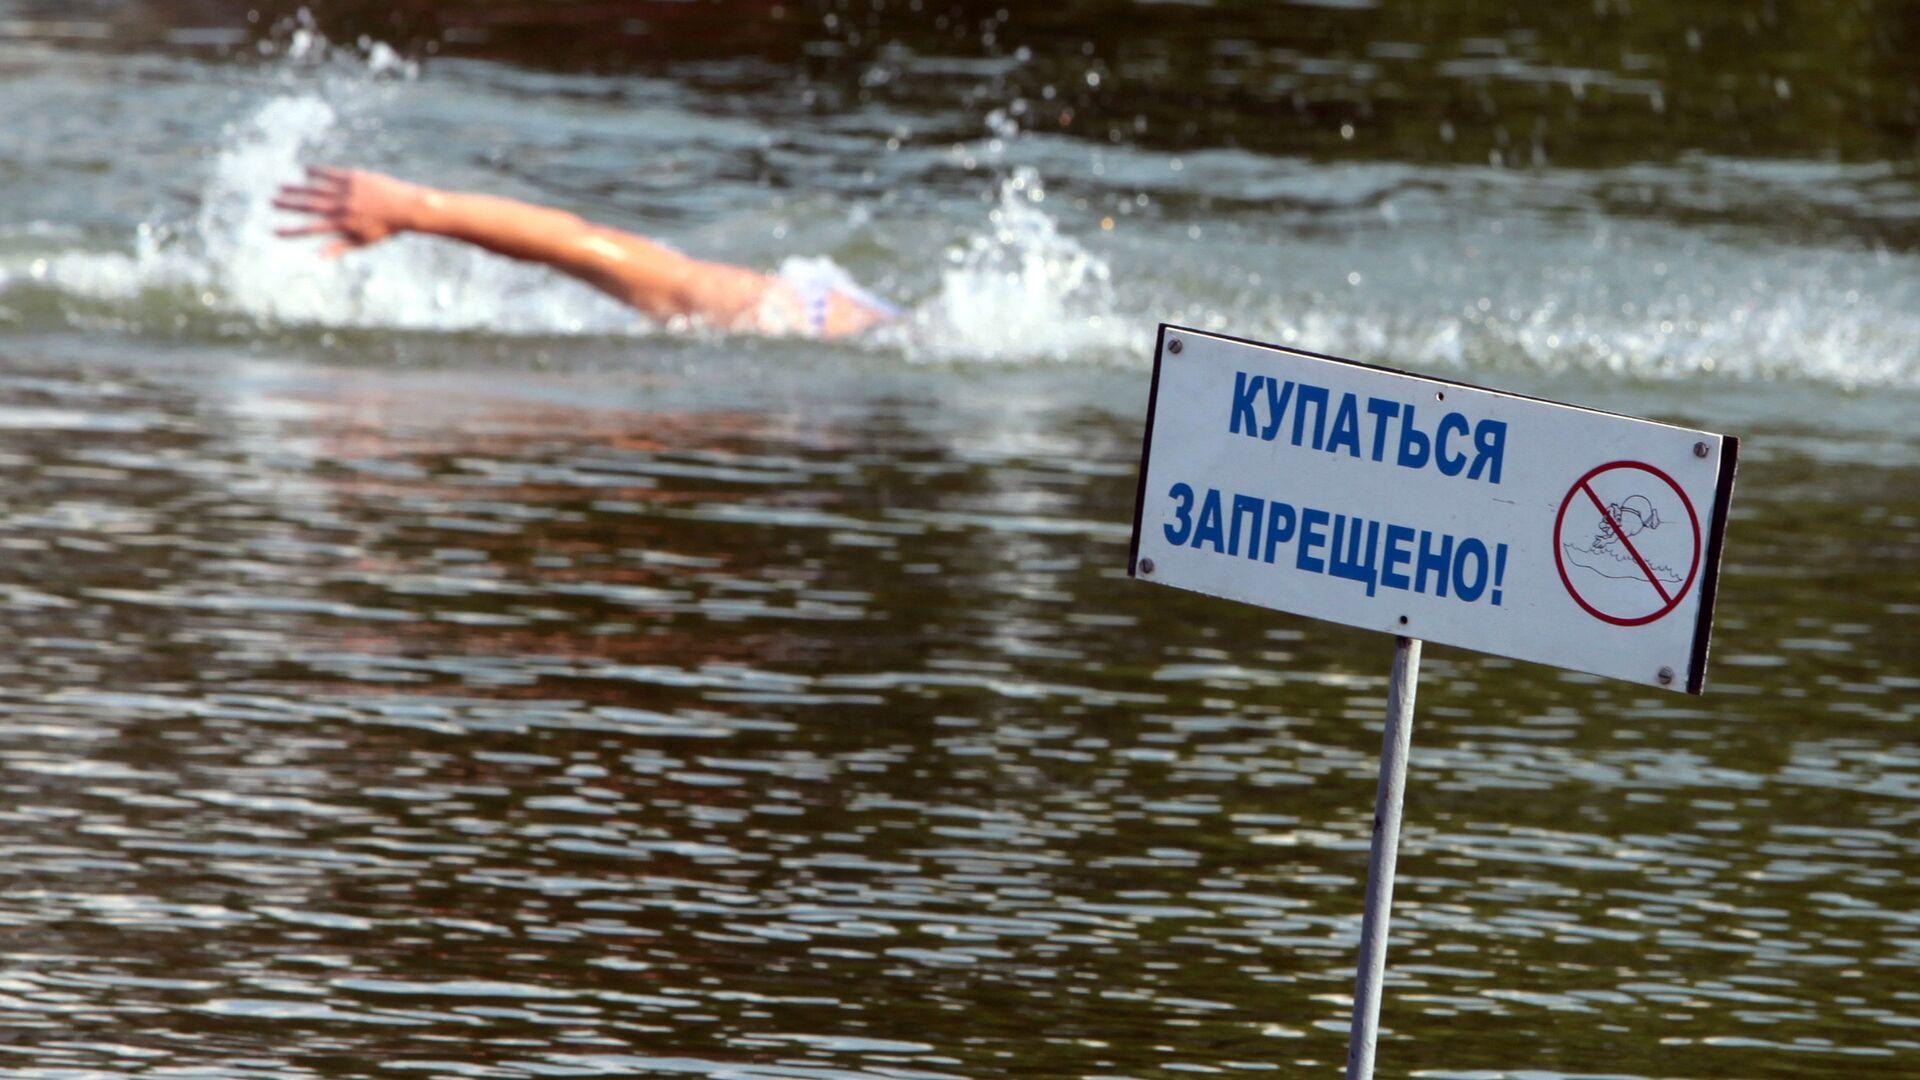 Объявление купаться запрещено - РИА Новости, 1920, 10.07.2021